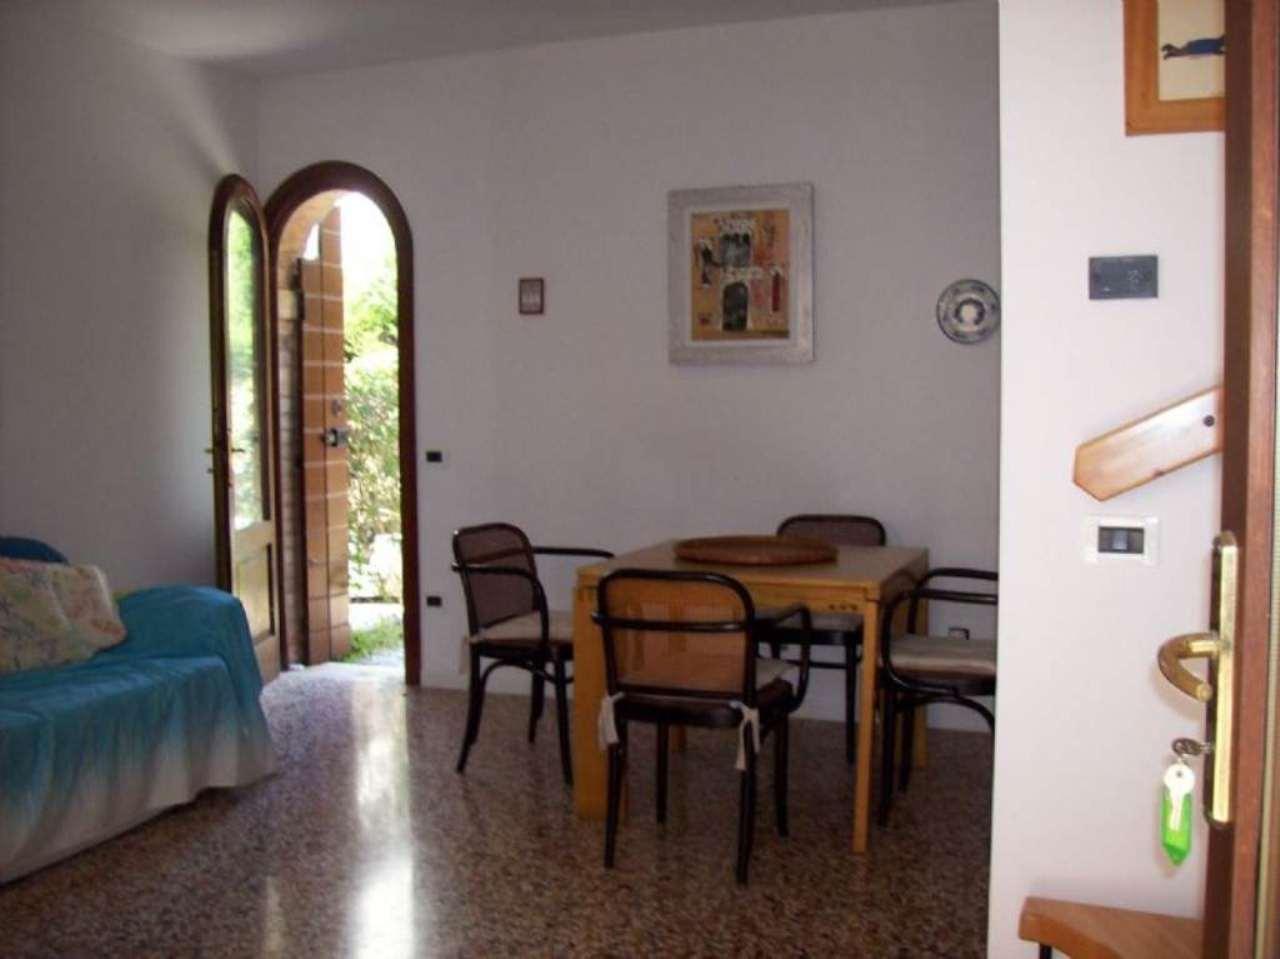 Vendita  bilocale Venezia Via Via Sandro Gallo 1 1033799